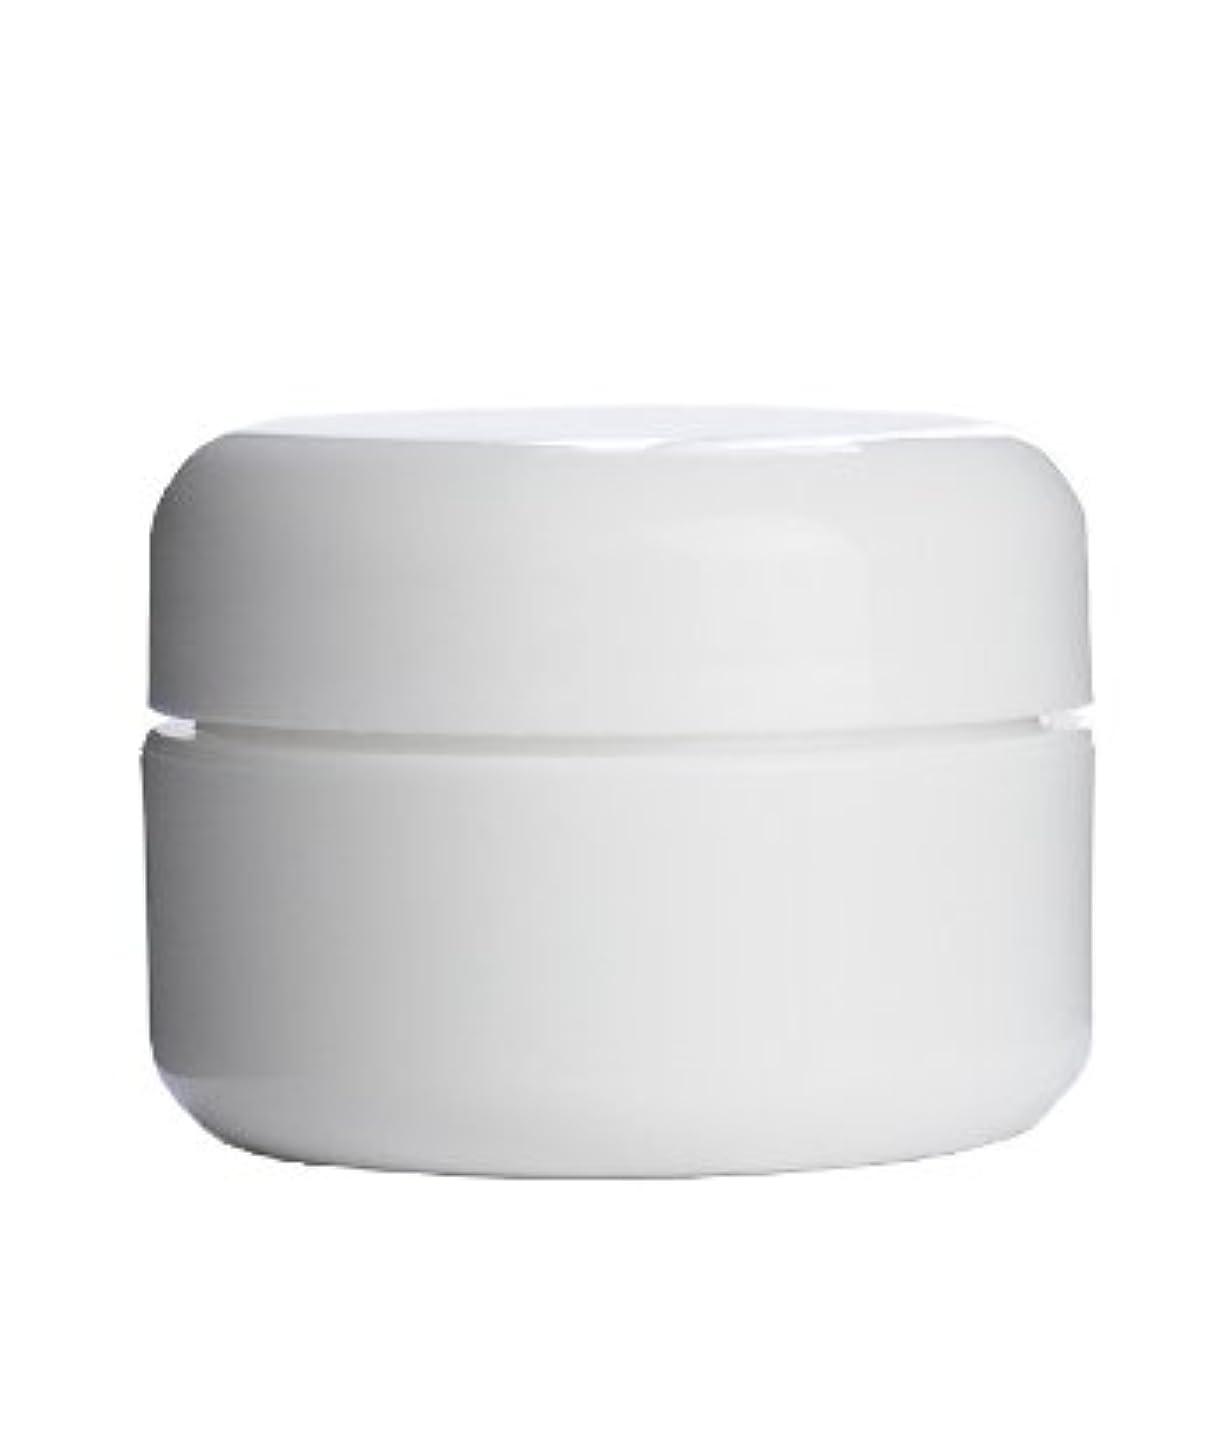 肘修理可能ショップホワイトプラジャー[24ml]/10個